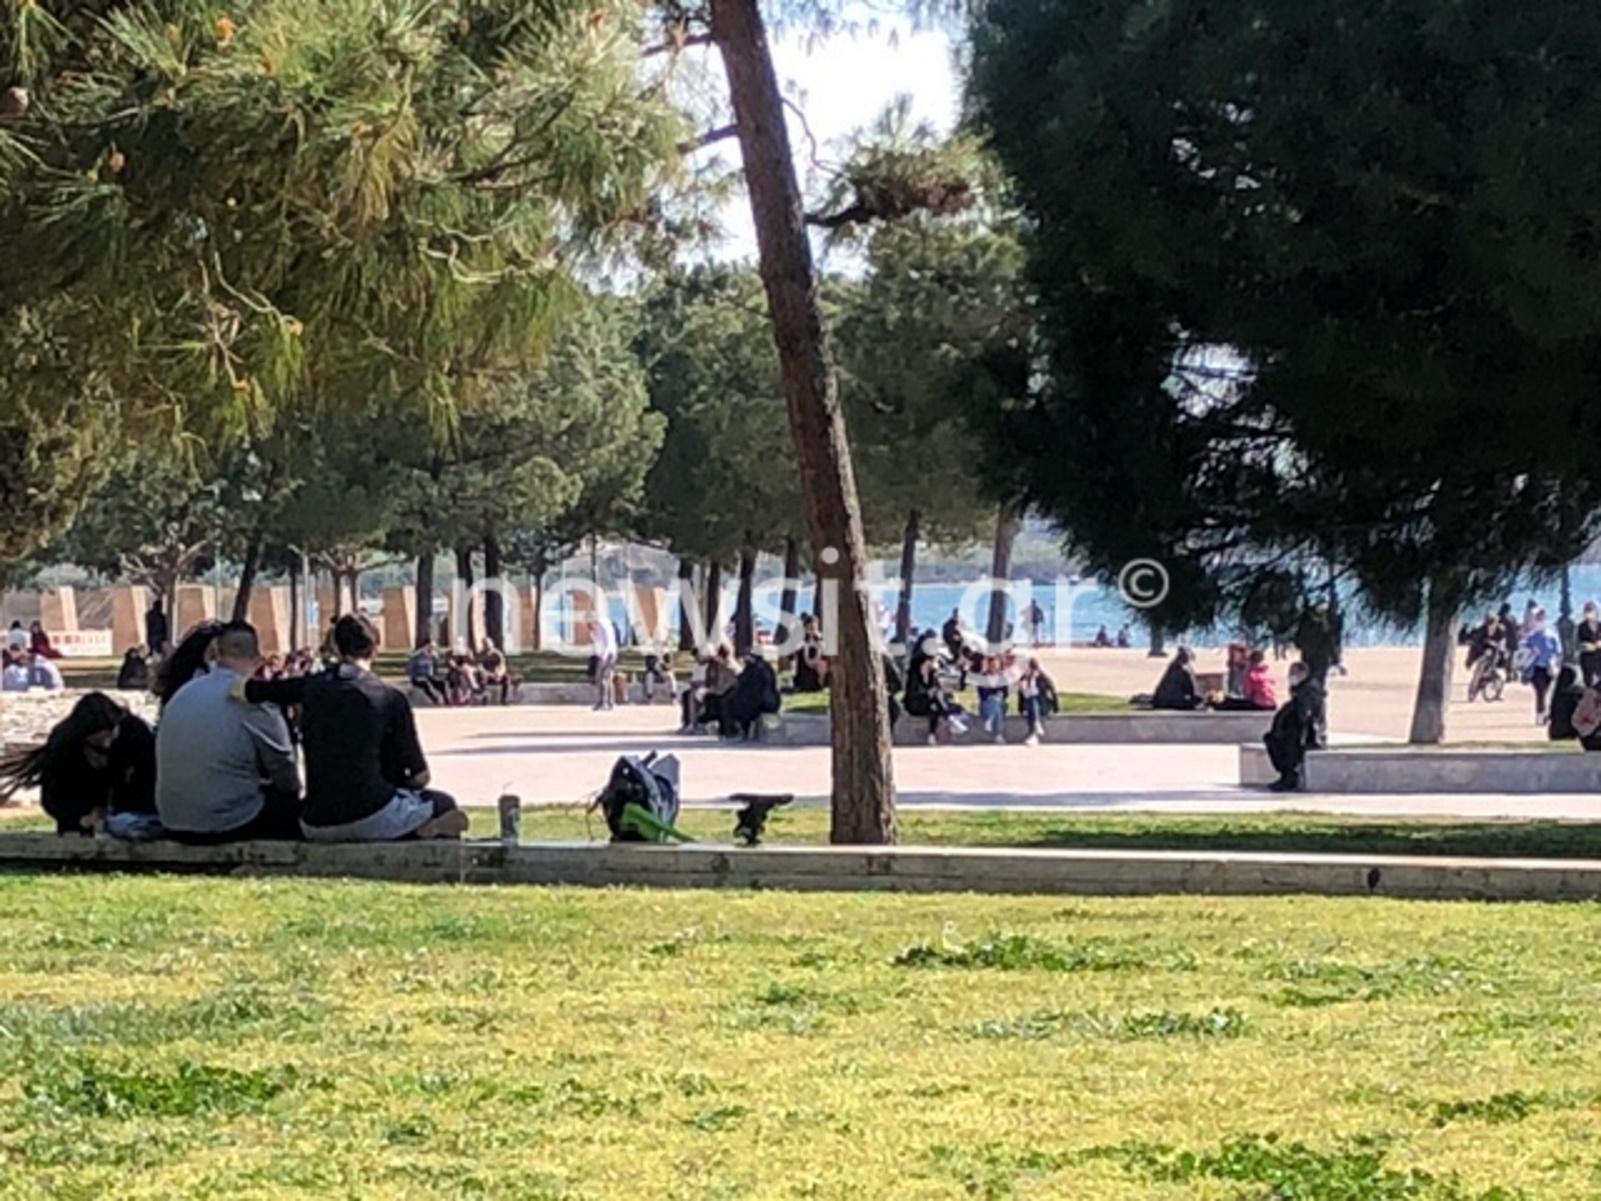 Θεσσαλονίκη: Το lockdown πήγε «περίπατο» – Κατά εκατοντάδες βγήκαν στη νέα παραλία (pics)